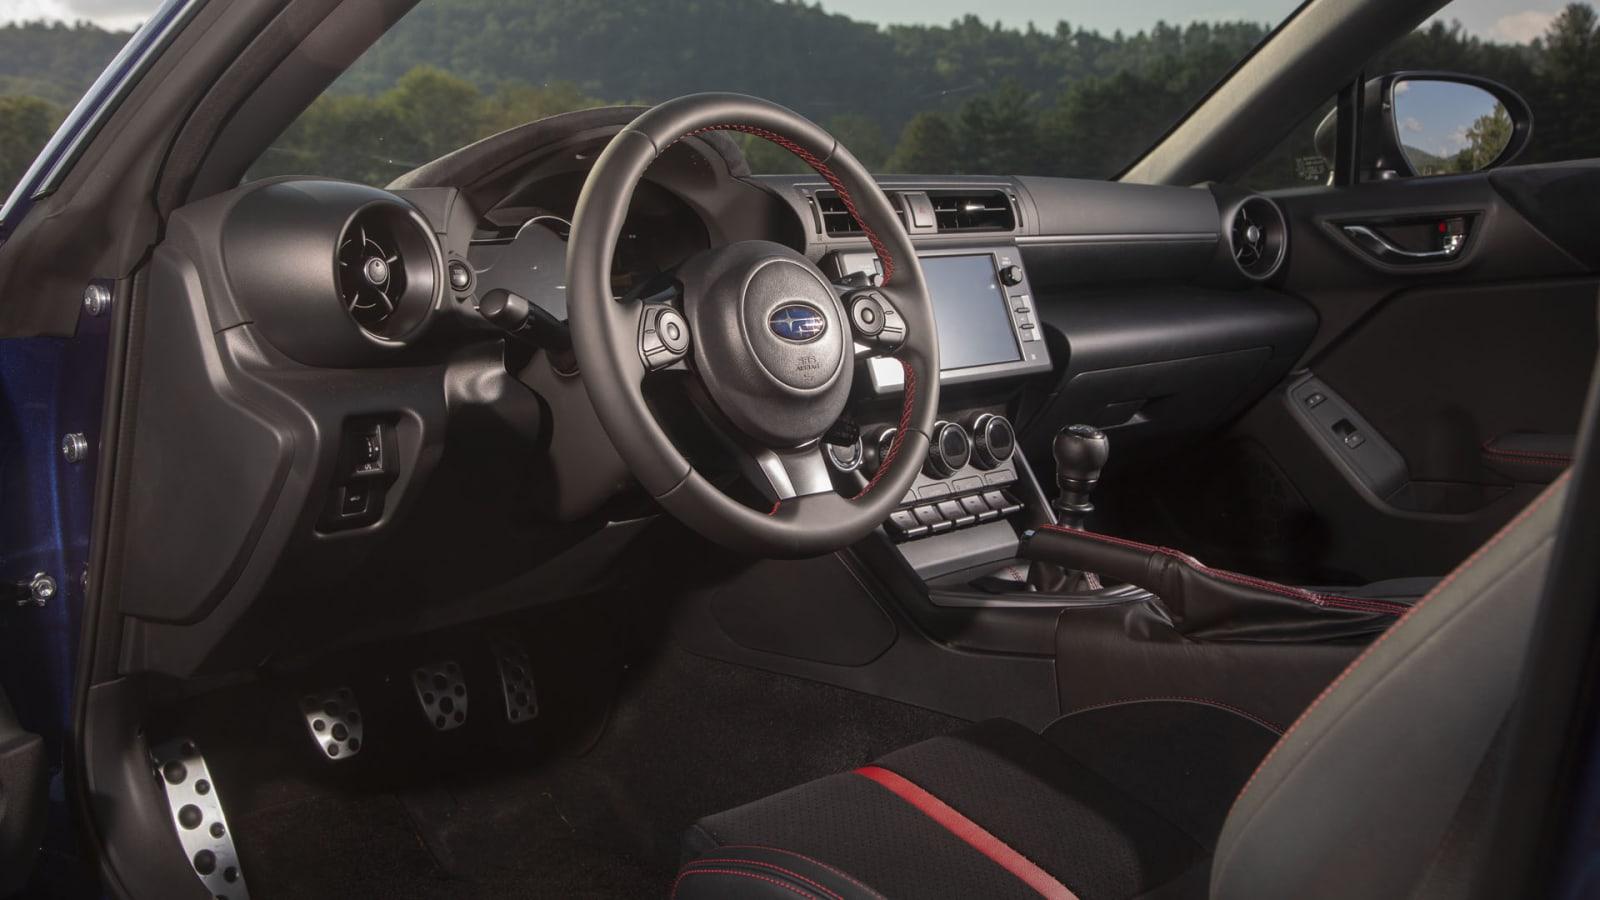 2022 Subaru BRZ Erste Fahrt Bewertung€